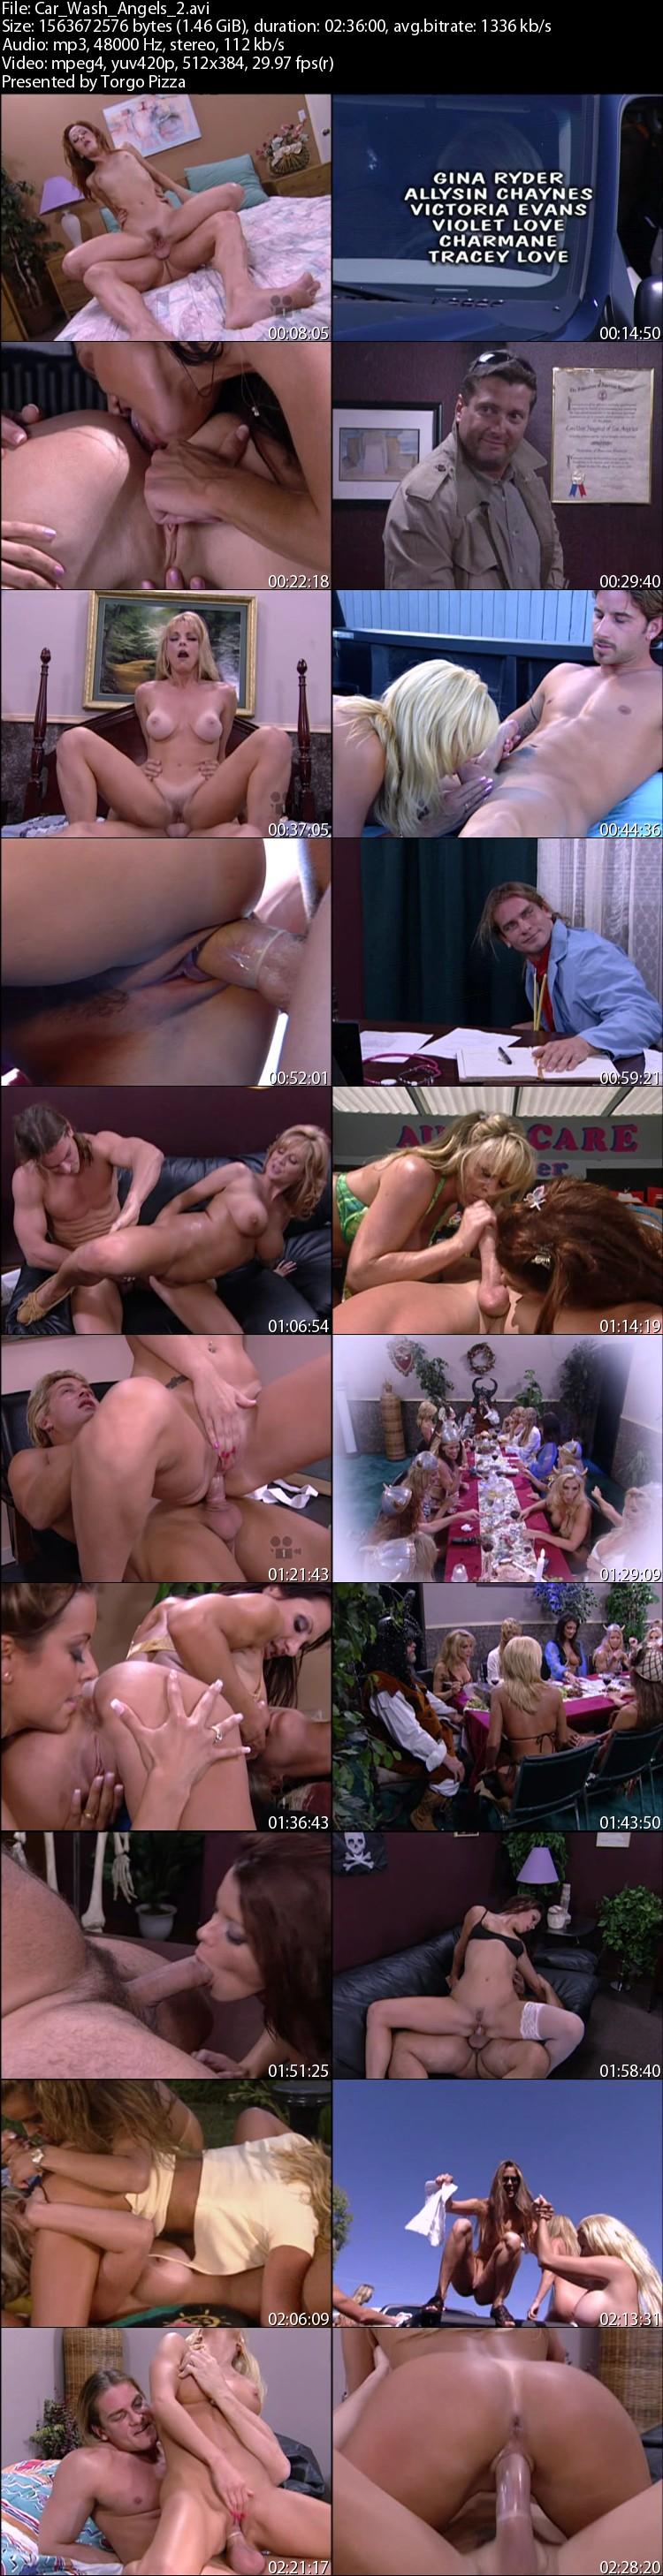 Andrea Grosso Molnar Porno forumophilia - porn forum : i love the 80s & 90s porn movies